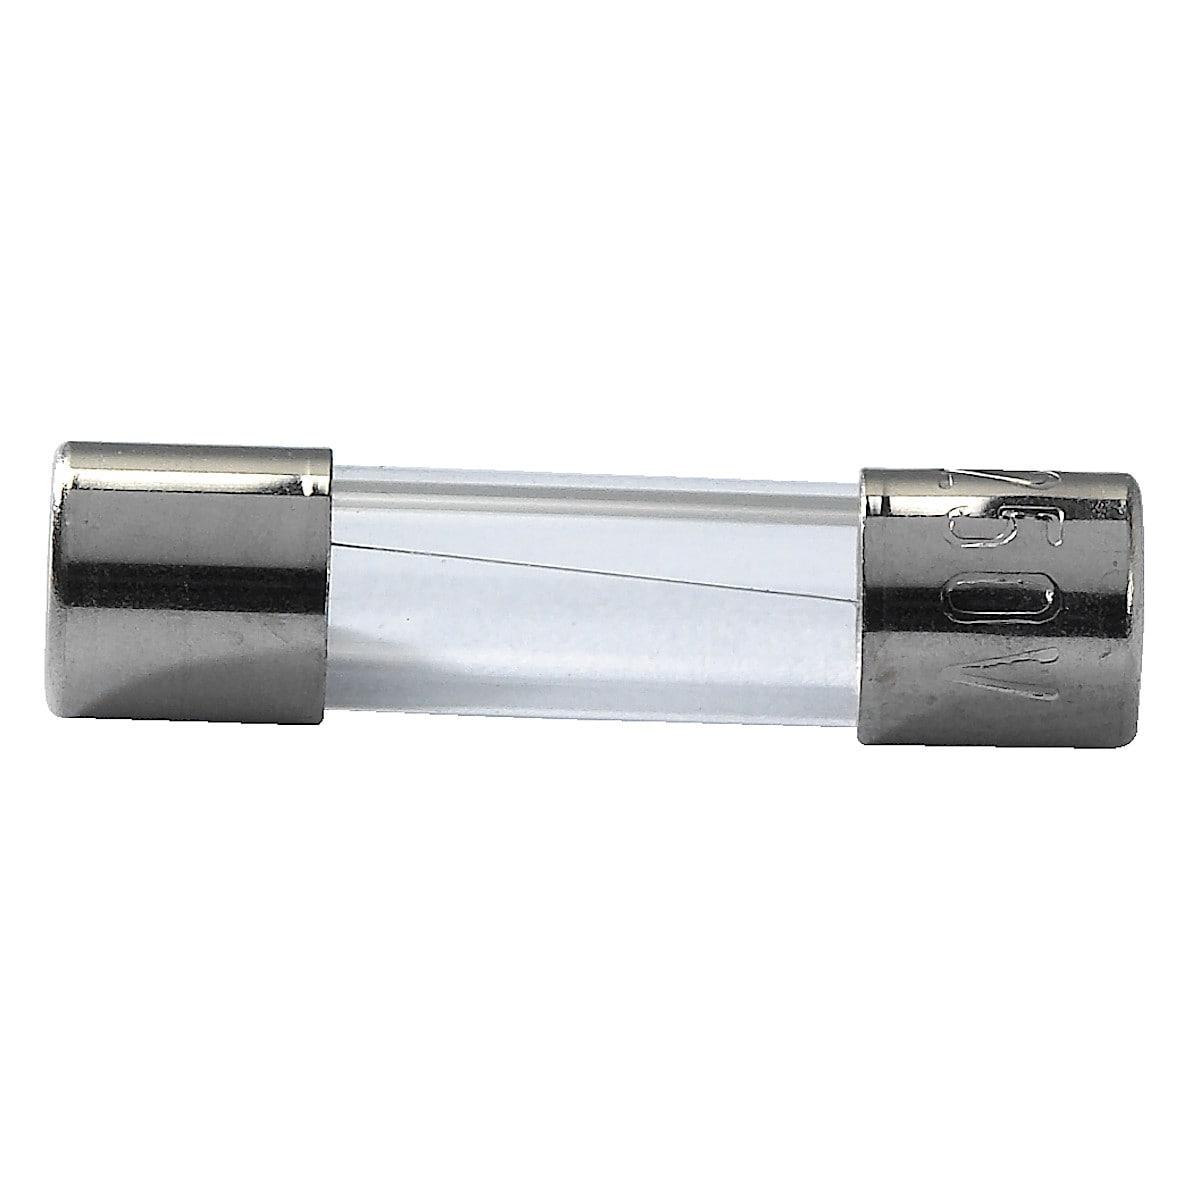 Glassrørsikring 5x20, treg